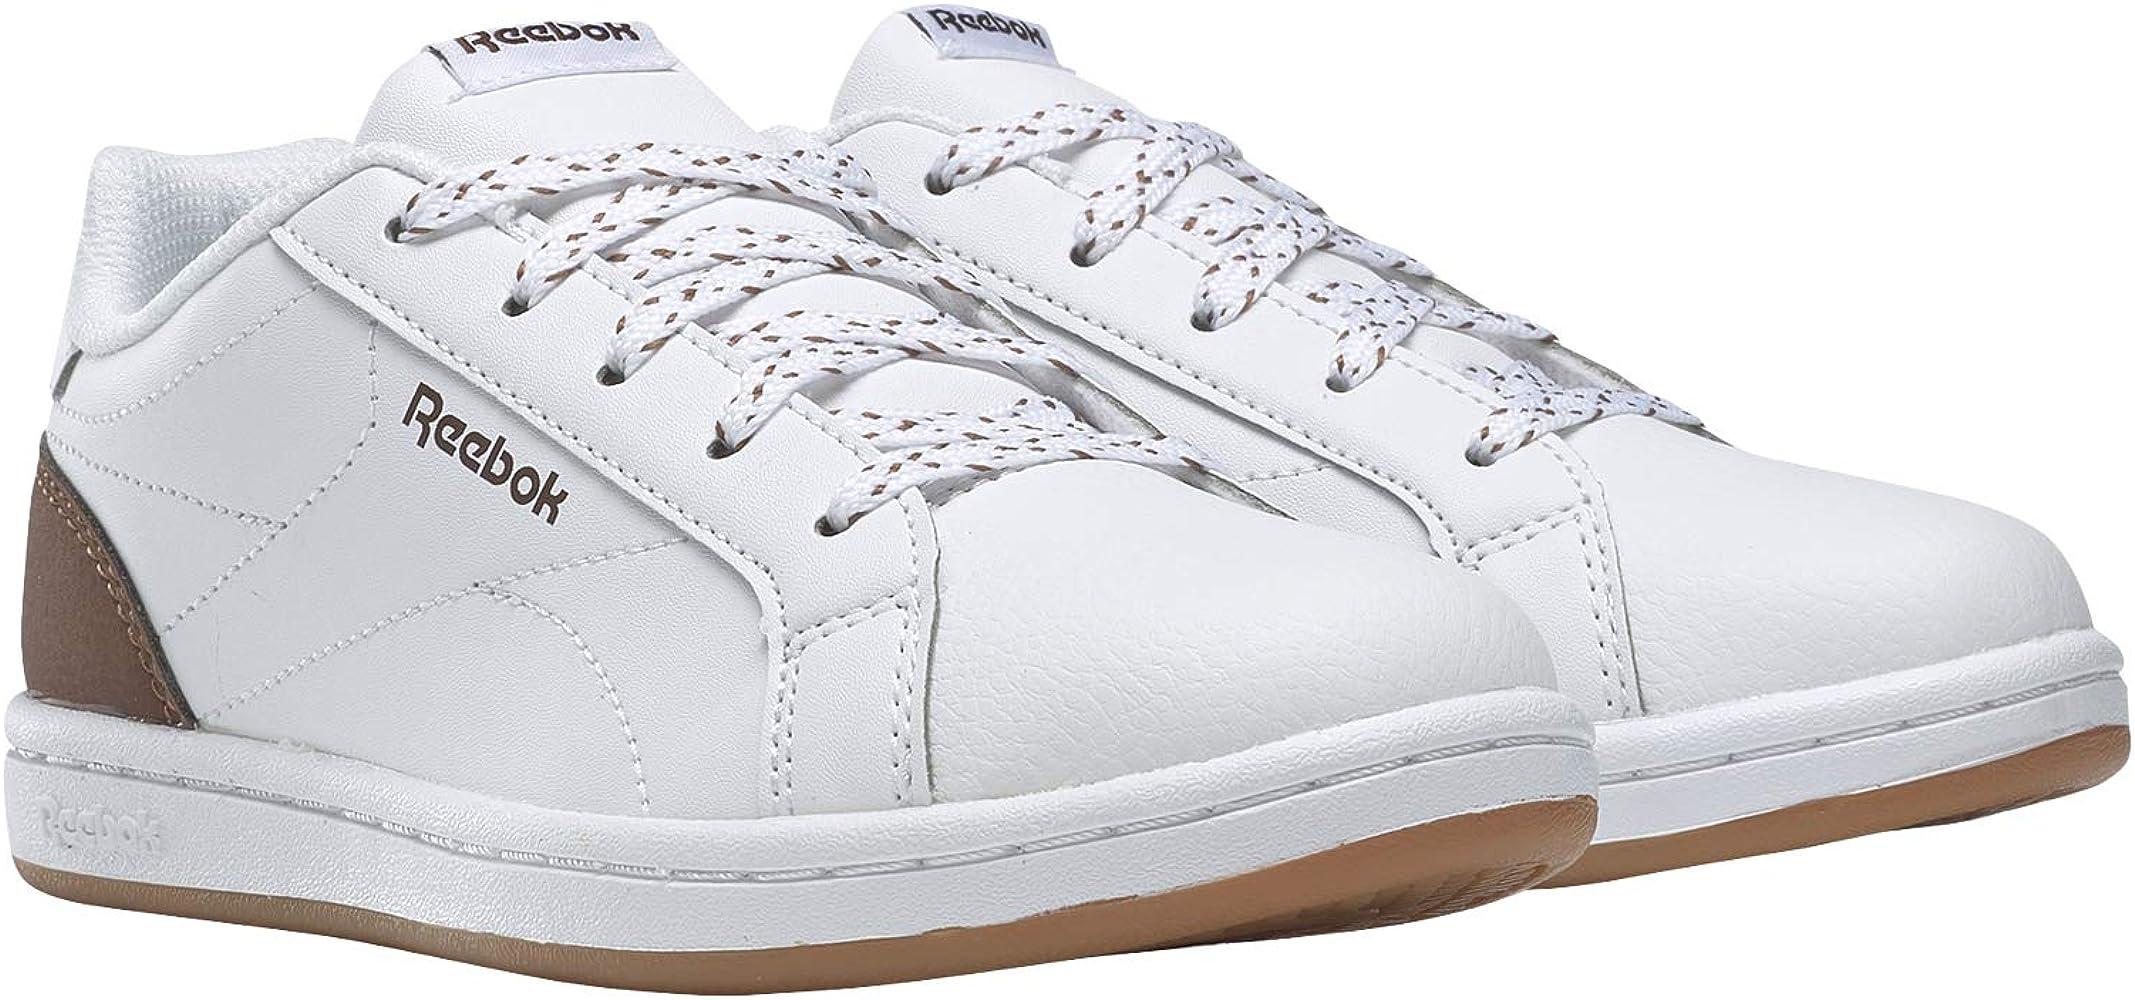 Reebok RBK Royal Complete CLN Zapatillas de Tenis para Ni/ños